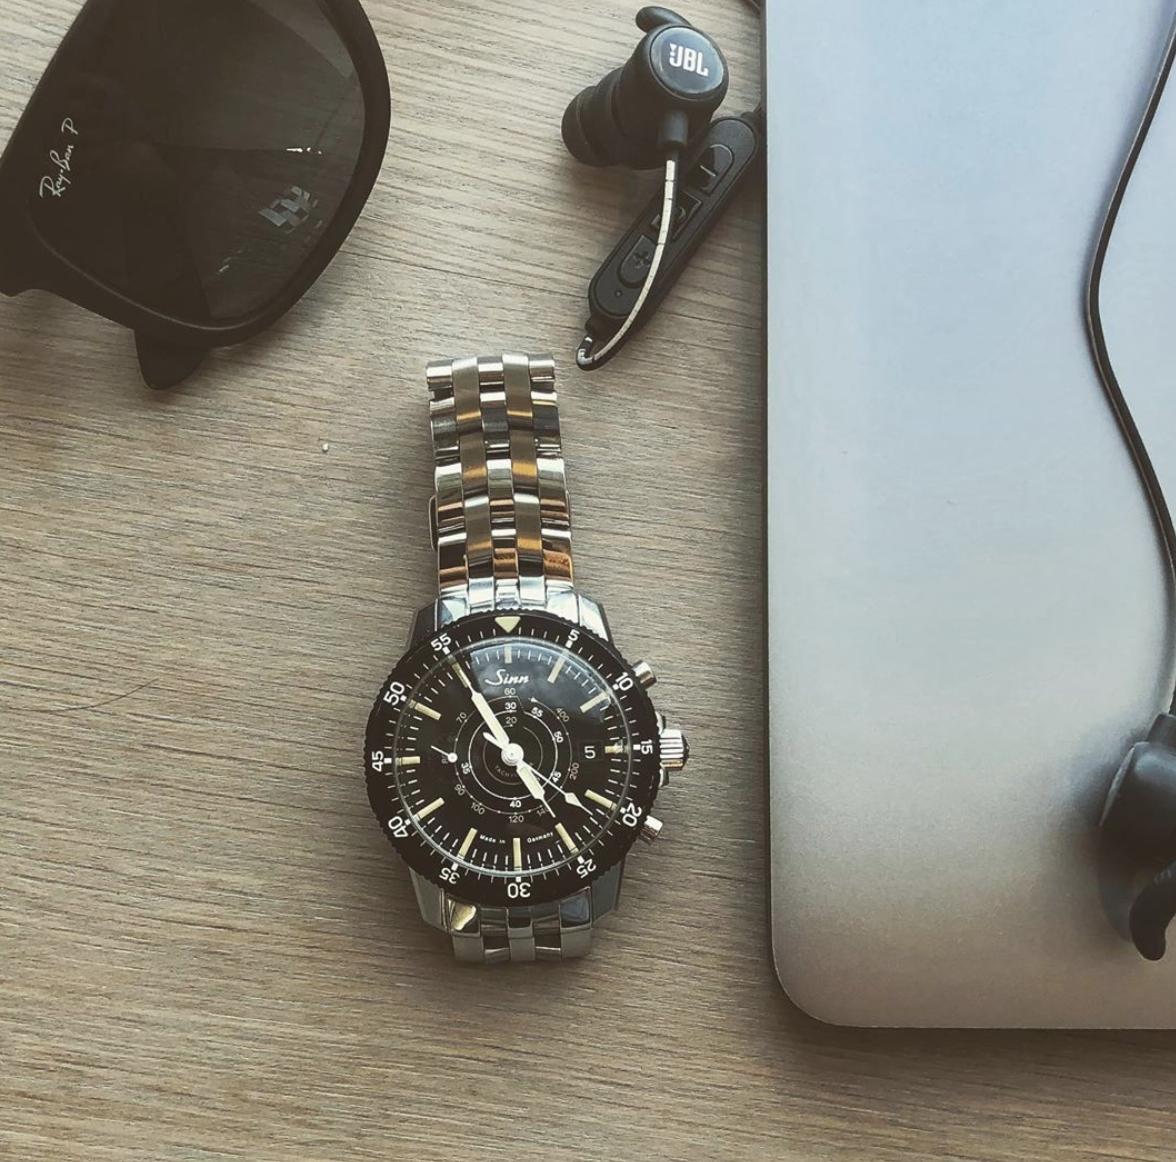 Hình ảnh đồng hồ trên tay